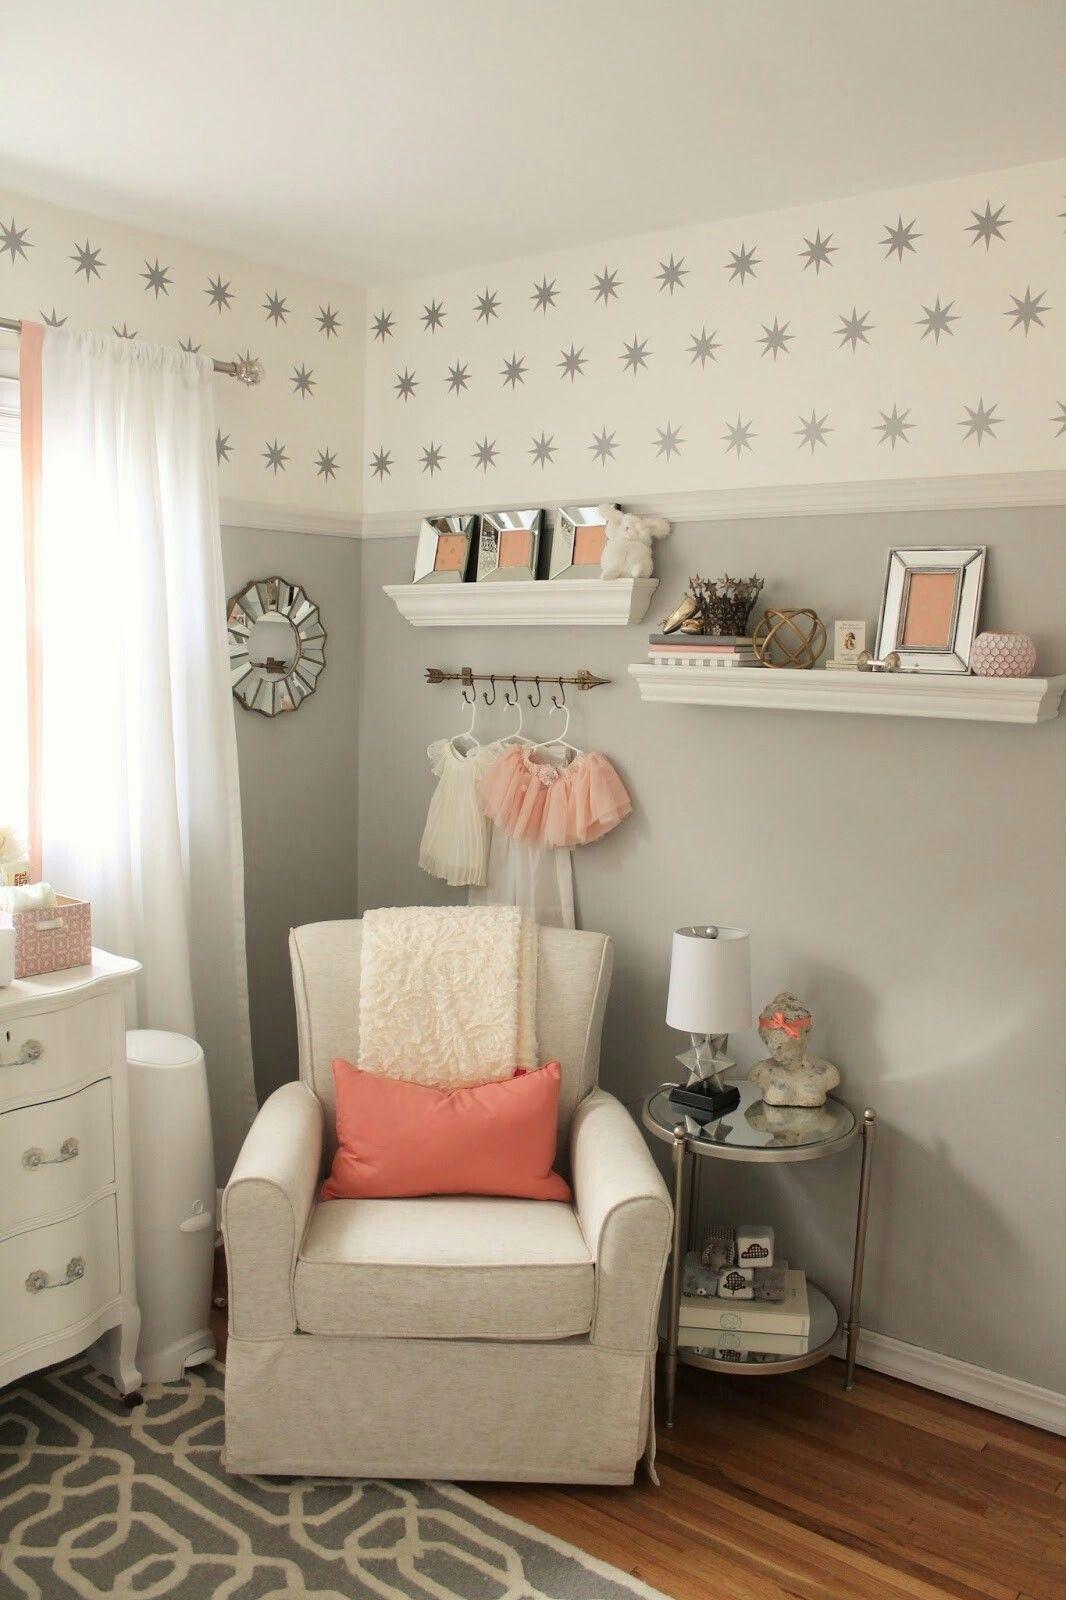 Room Nursery Room IdeasBedroom Pin